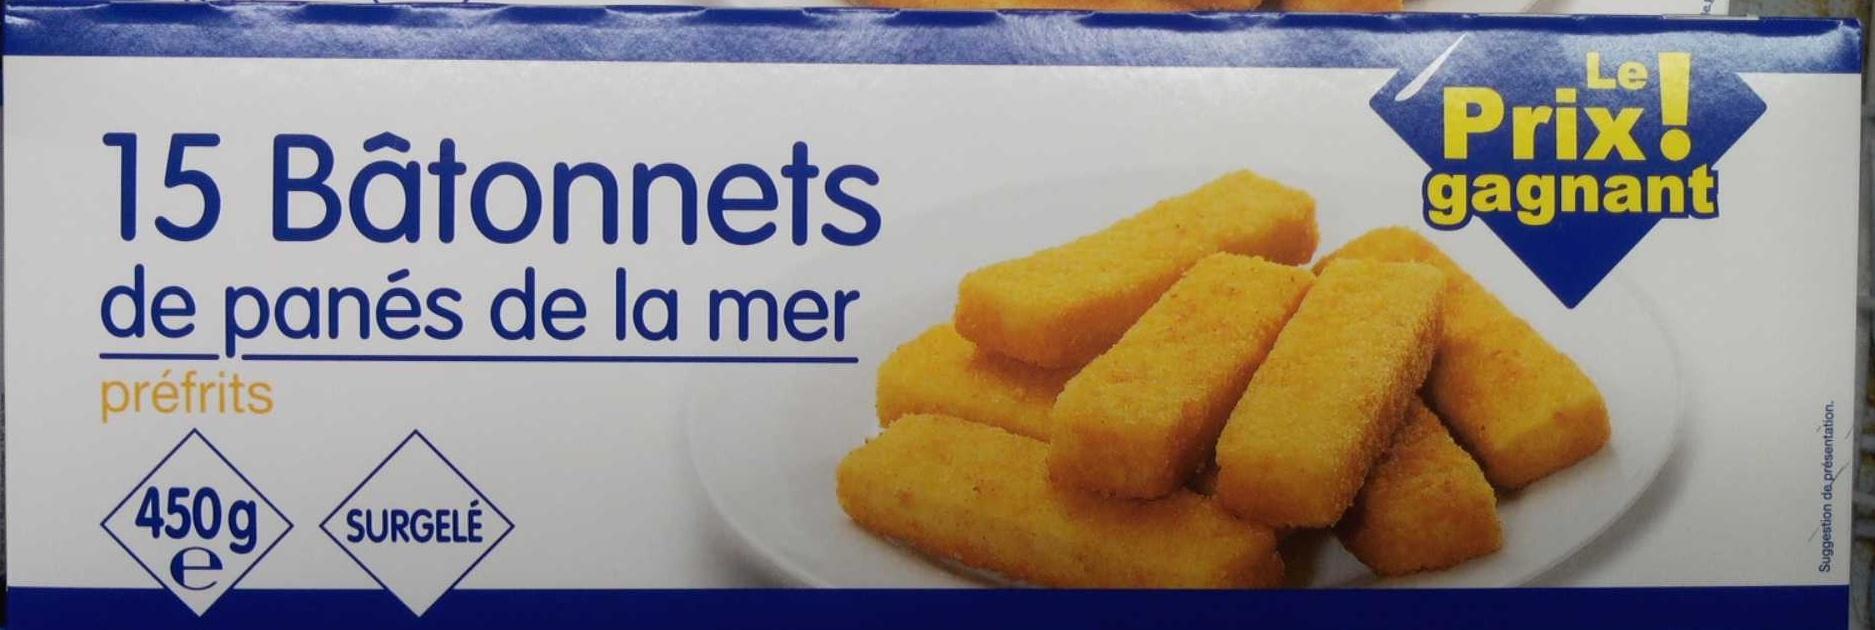 15 Bâtonnets de panés de la mer préfrits, Surgelé - Product - fr